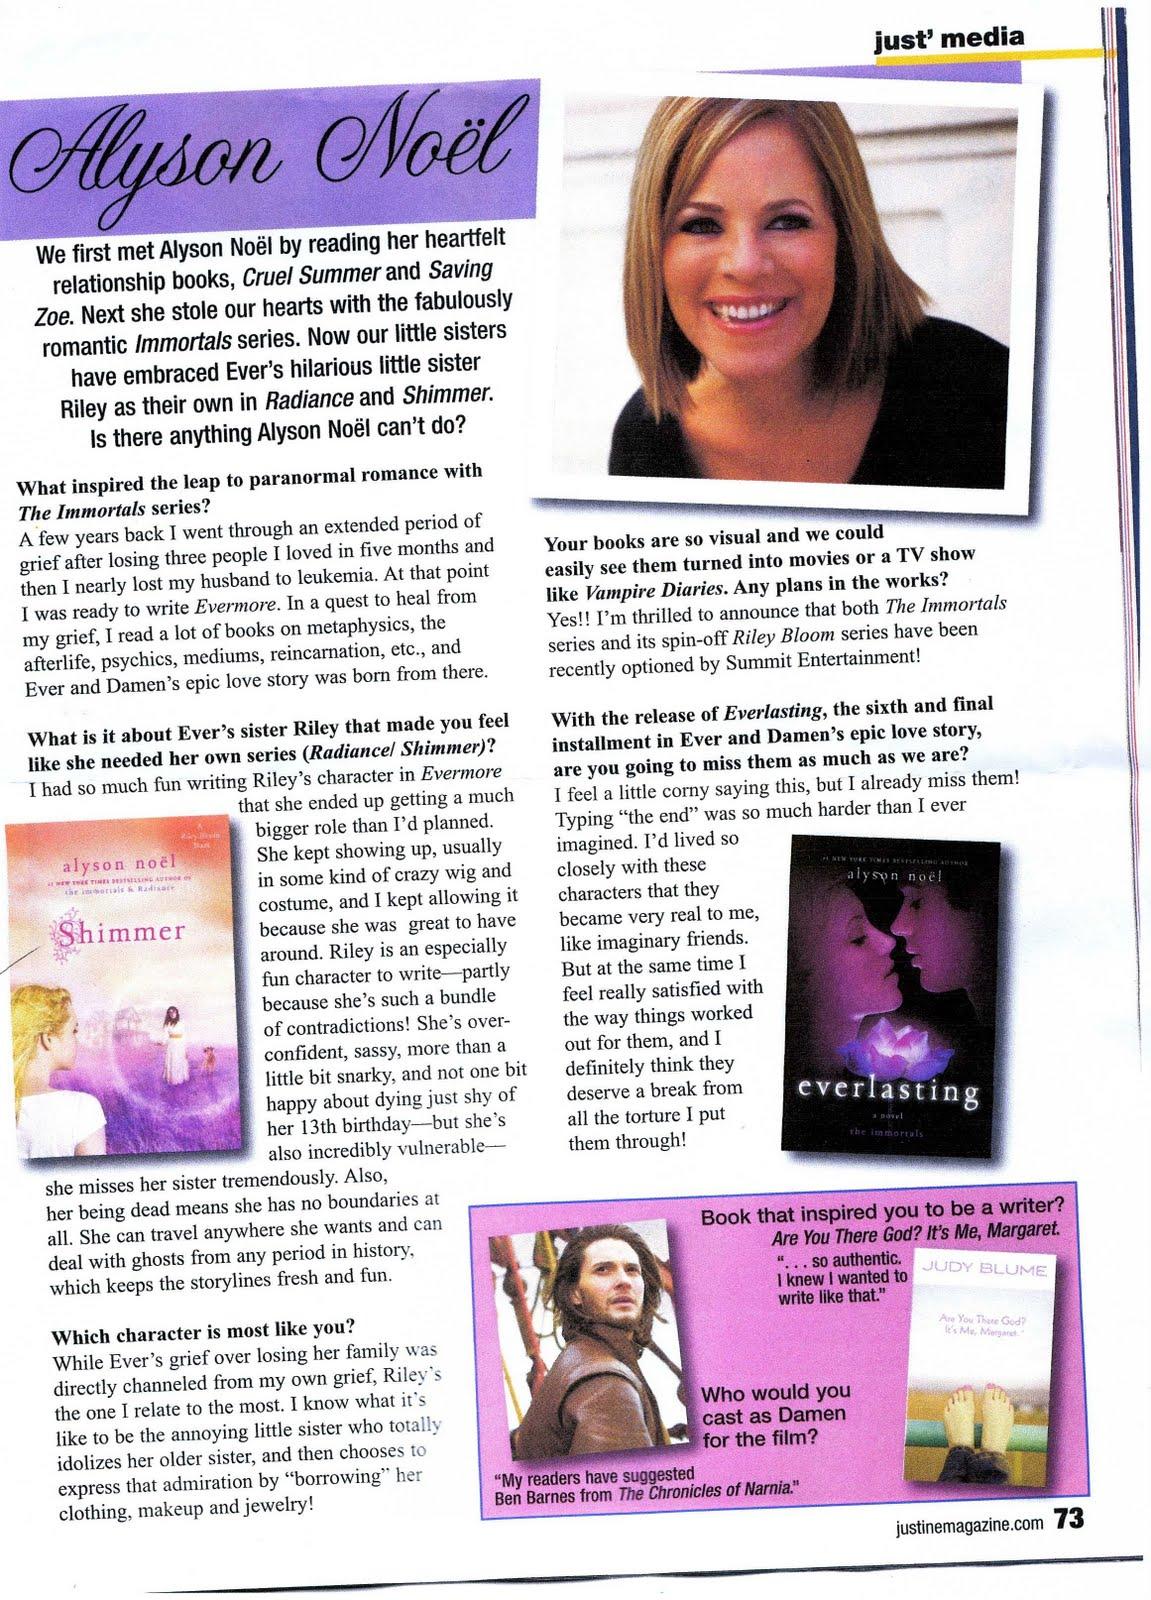 http://4.bp.blogspot.com/-AU6tC-ivKJ8/Td7L3uoxWnI/AAAAAAAAA9Q/NQ9VRDKm9P0/s1600/JustineMagazine.jpg